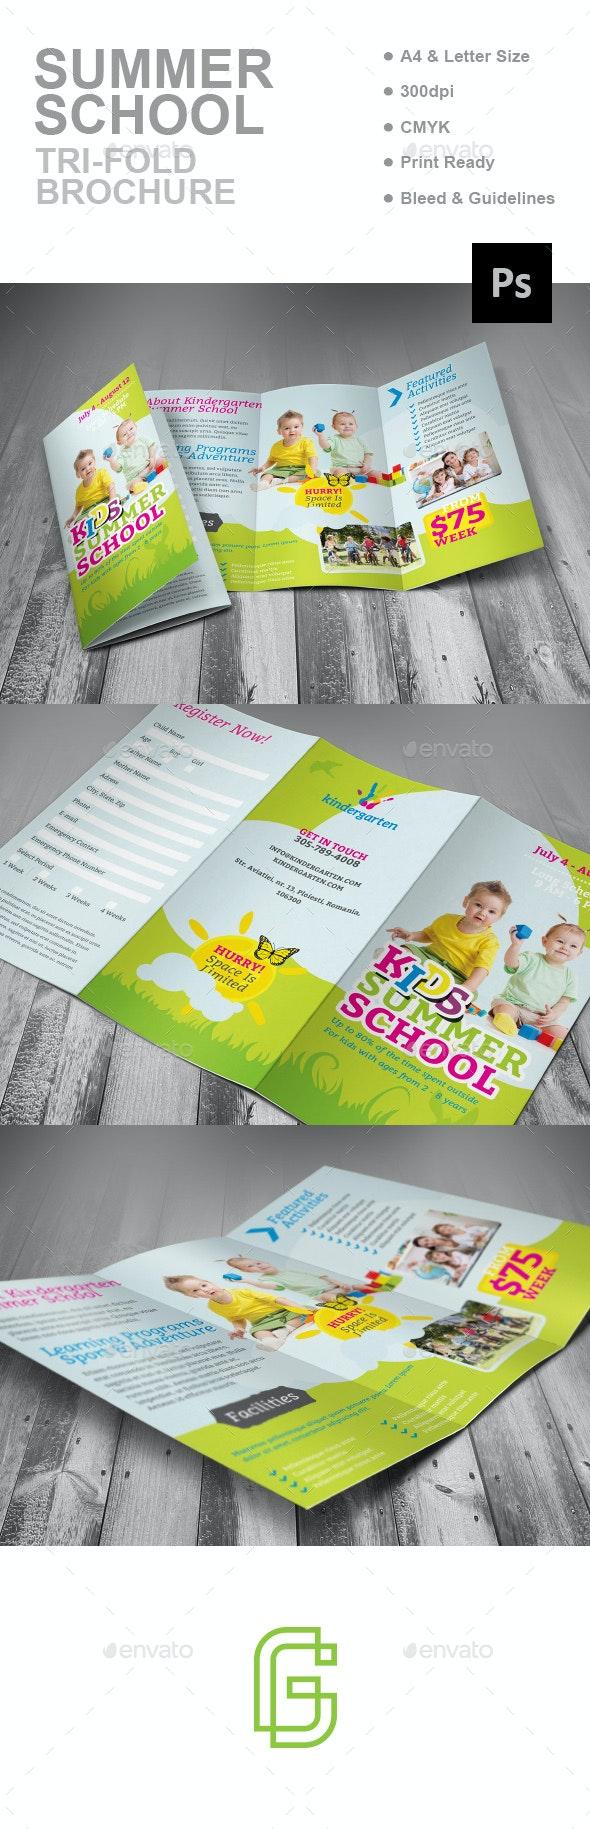 Summer School Trifold Brochure - Corporate Brochures